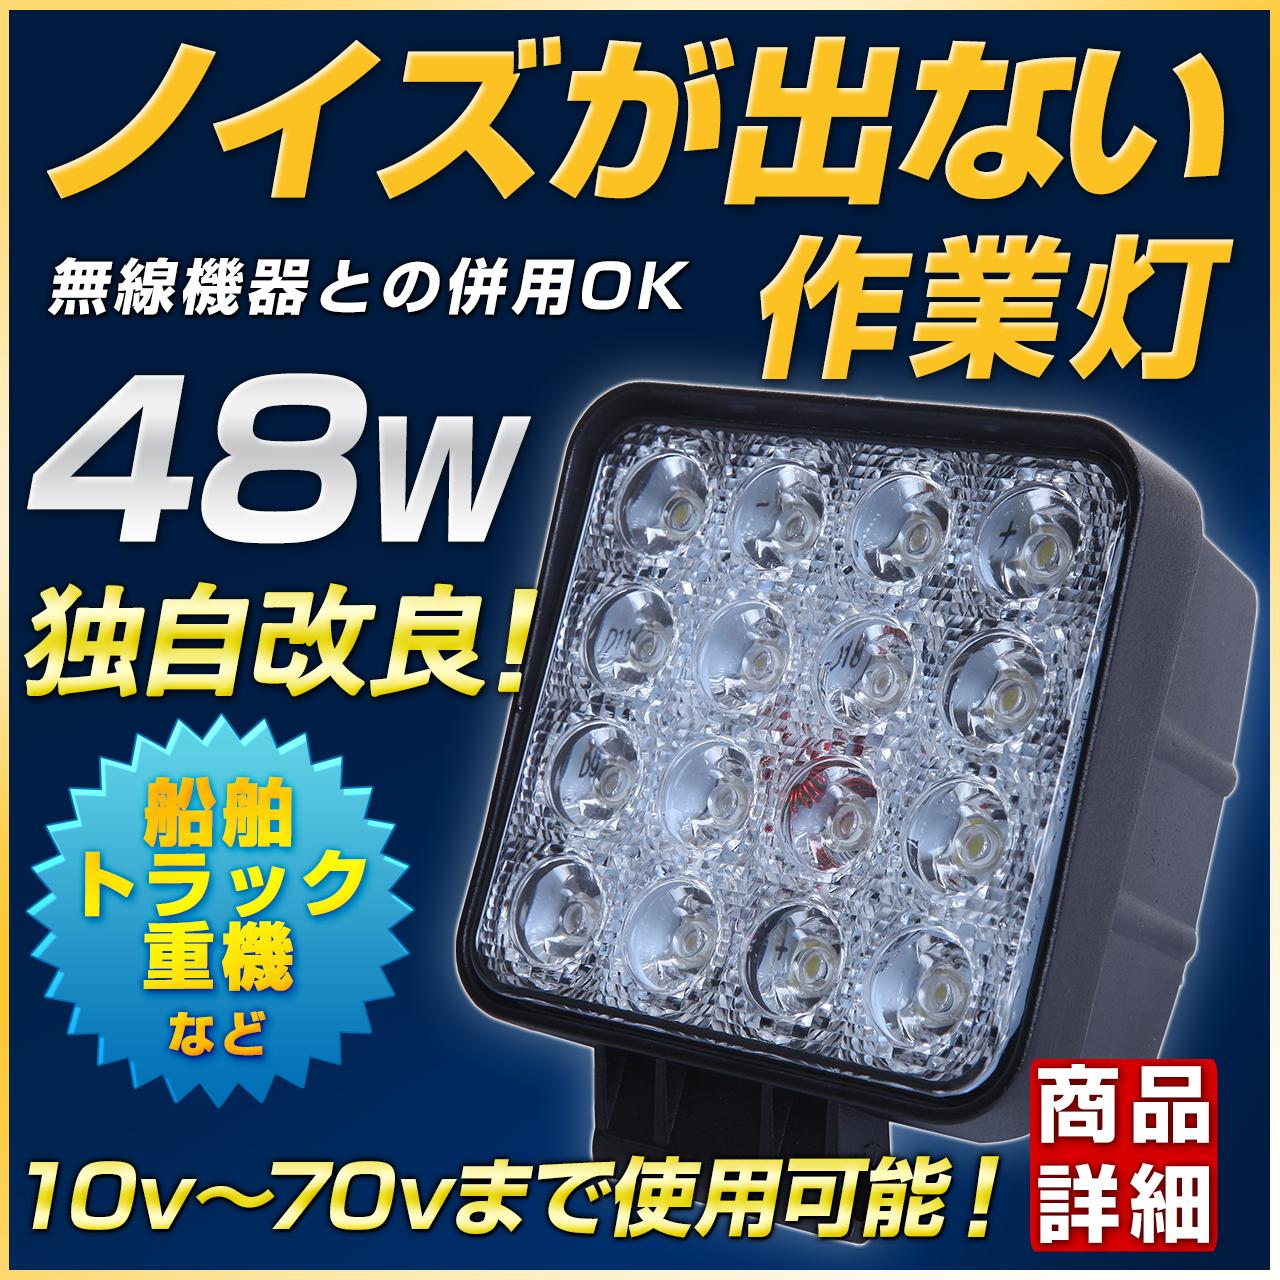 48W作業灯